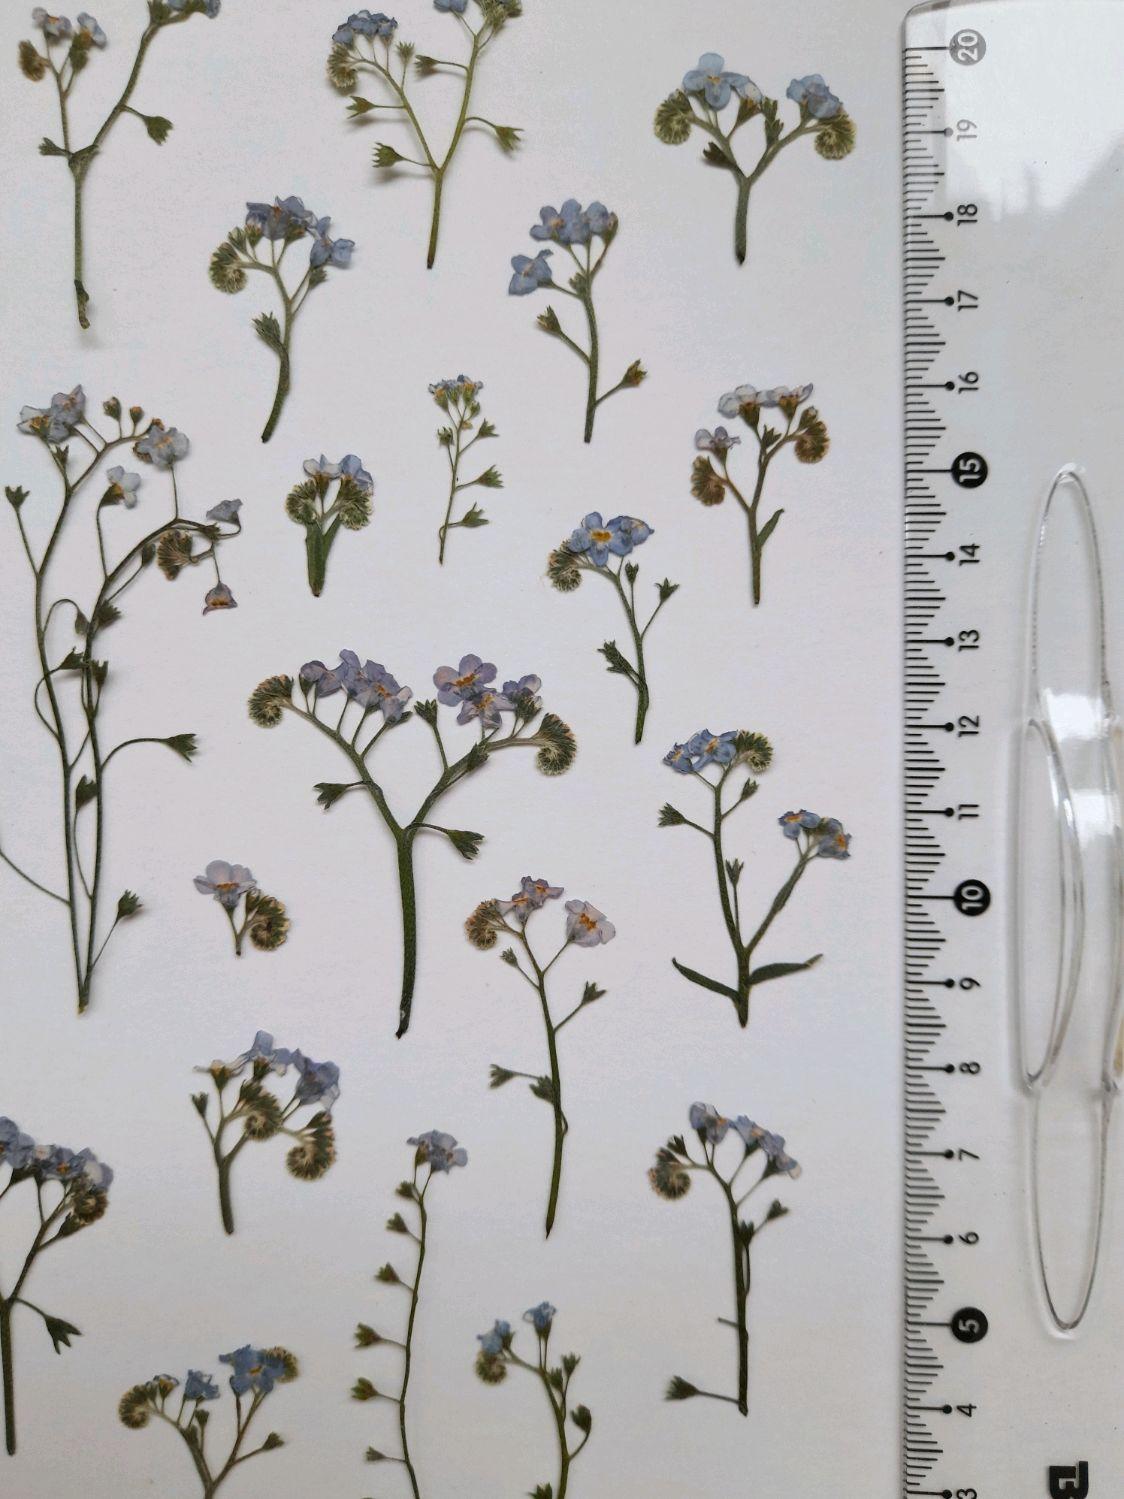 Незабудка Сухоцветы. Плоская сушка. Сушеные цветы, Сухоцветы для творчества, Тамбов,  Фото №1